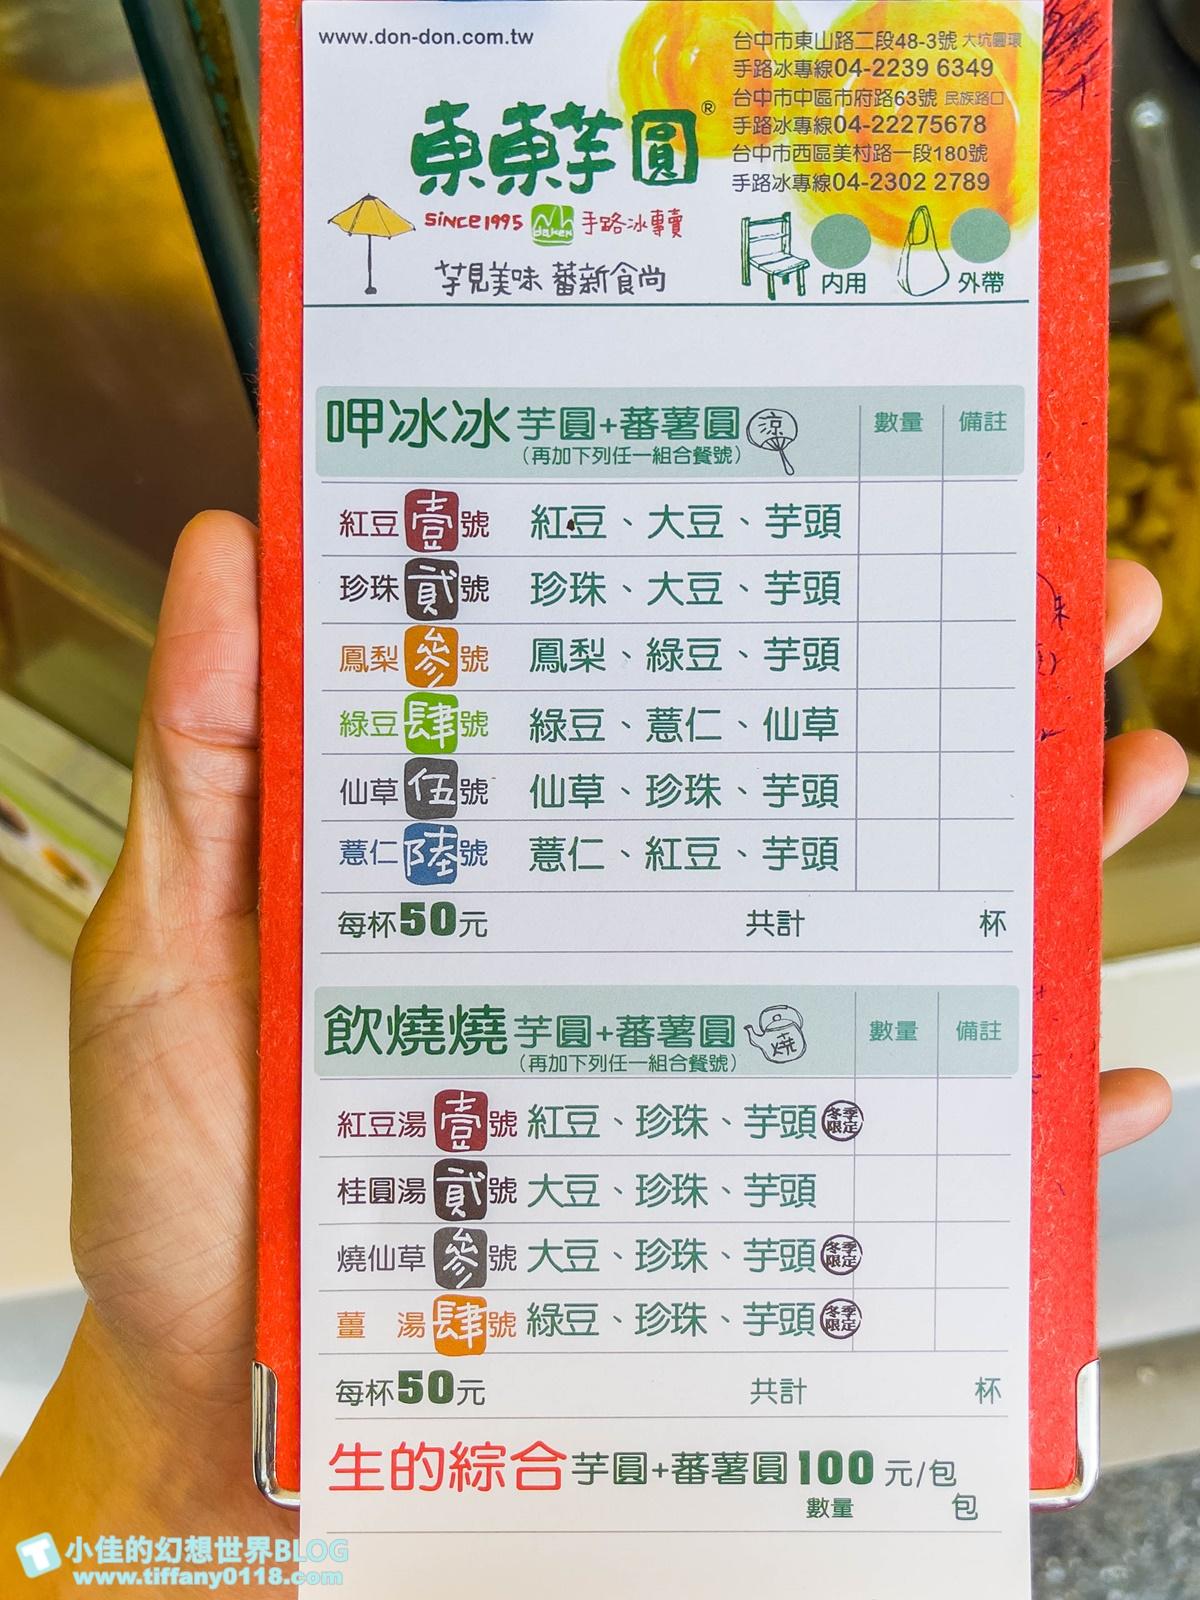 [台中美食]東東芋圓(附菜單)/台中大坑必吃冰品/有停車場方便停車/台中必吃冰品推薦